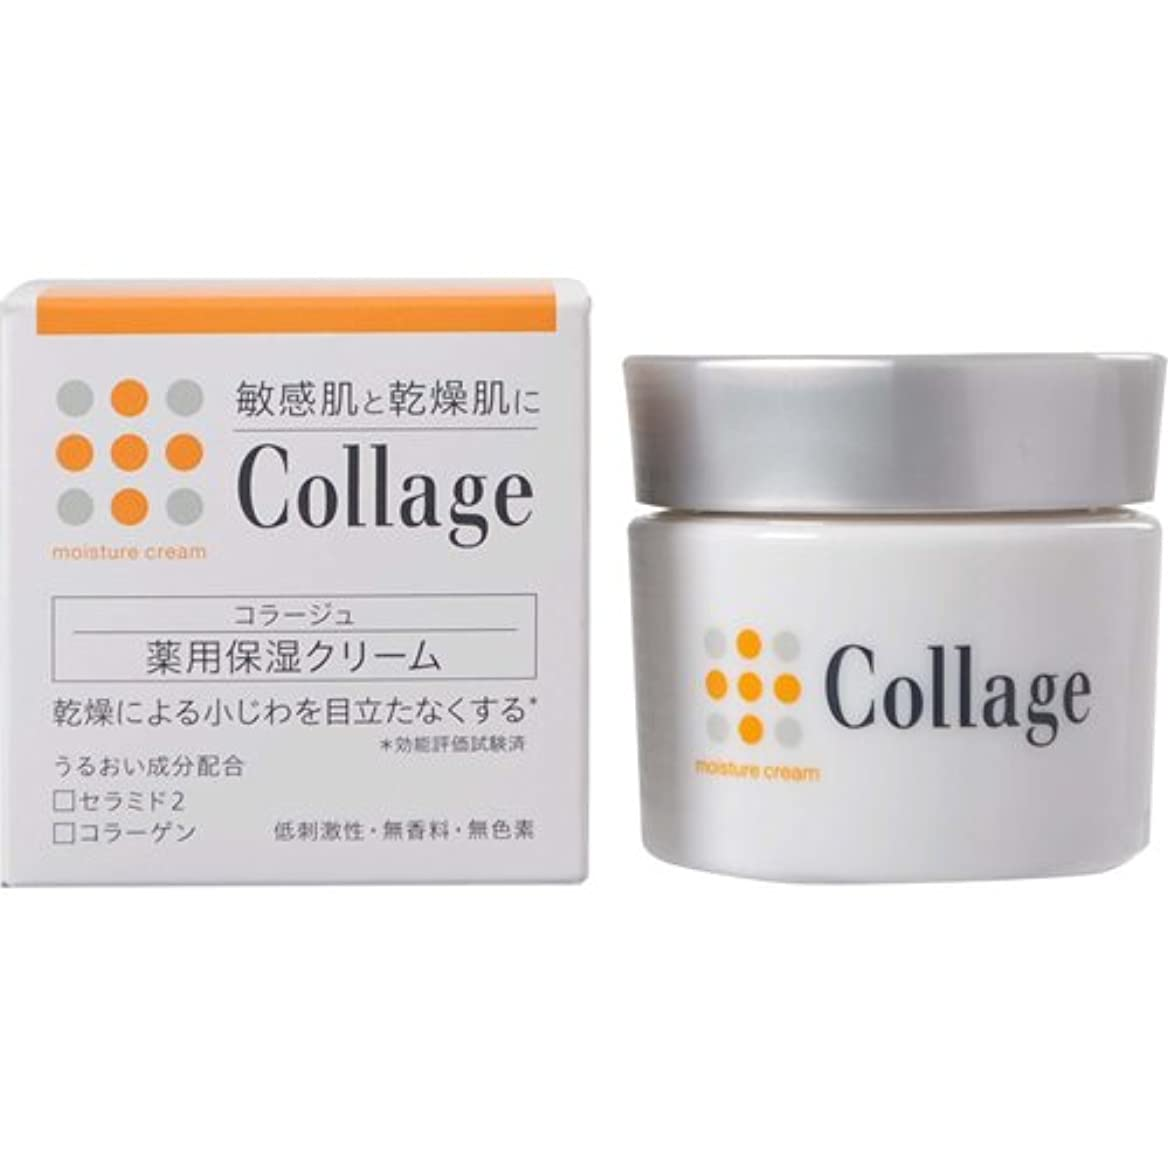 イタリックバインド固執コラージュ 薬用保湿クリーム 30g 【医薬部外品】